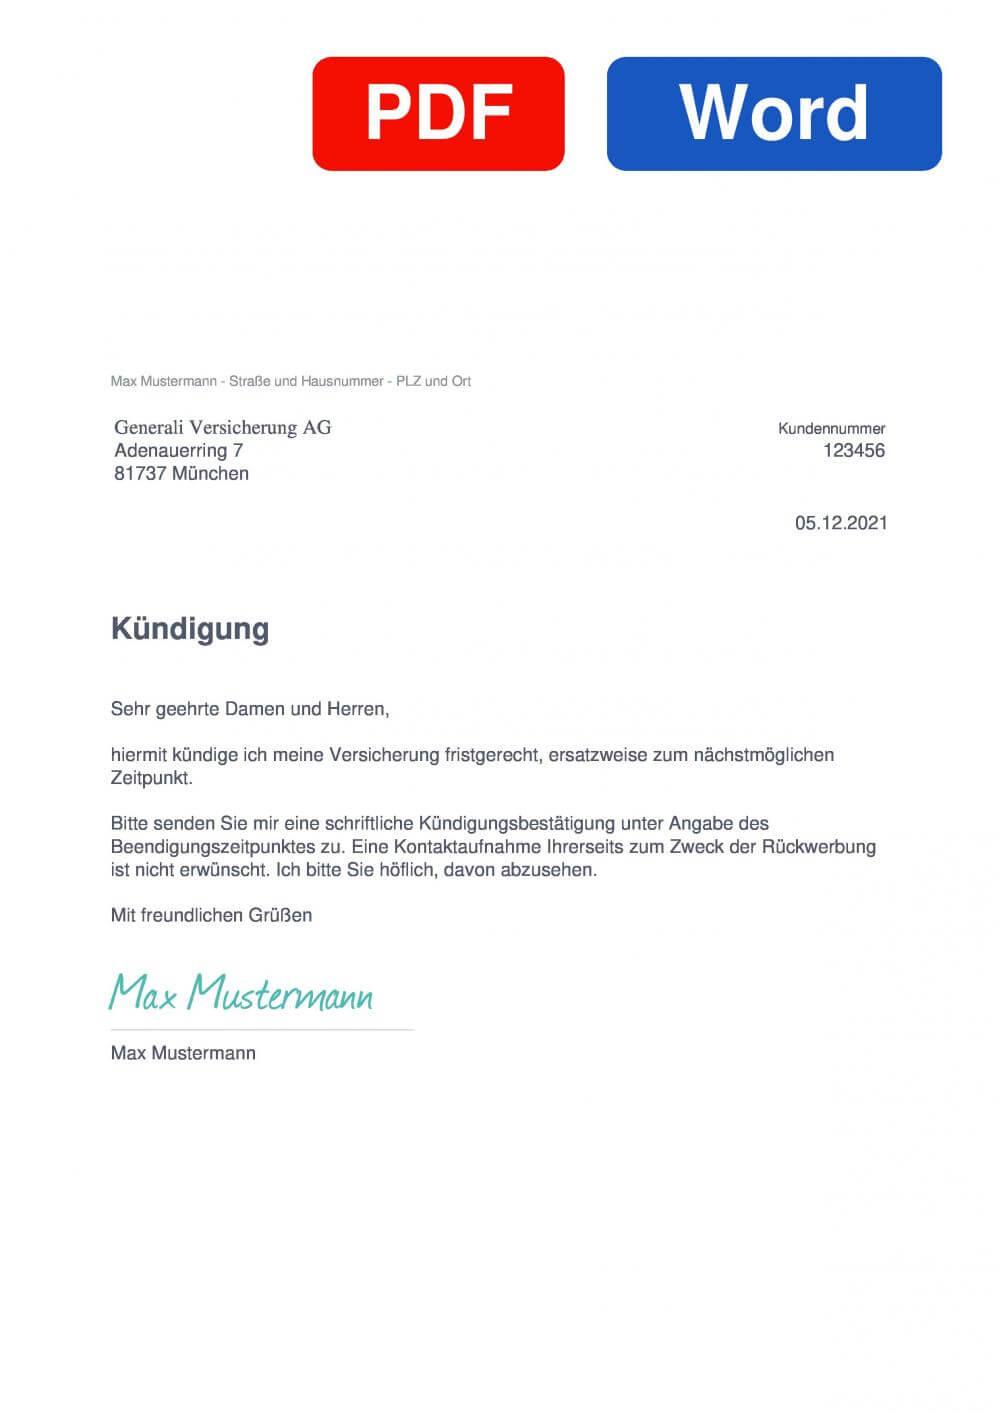 Volksfürsorge Deutsche Berufsunfähigkeitsversicherung Muster Vorlage für Kündigungsschreiben